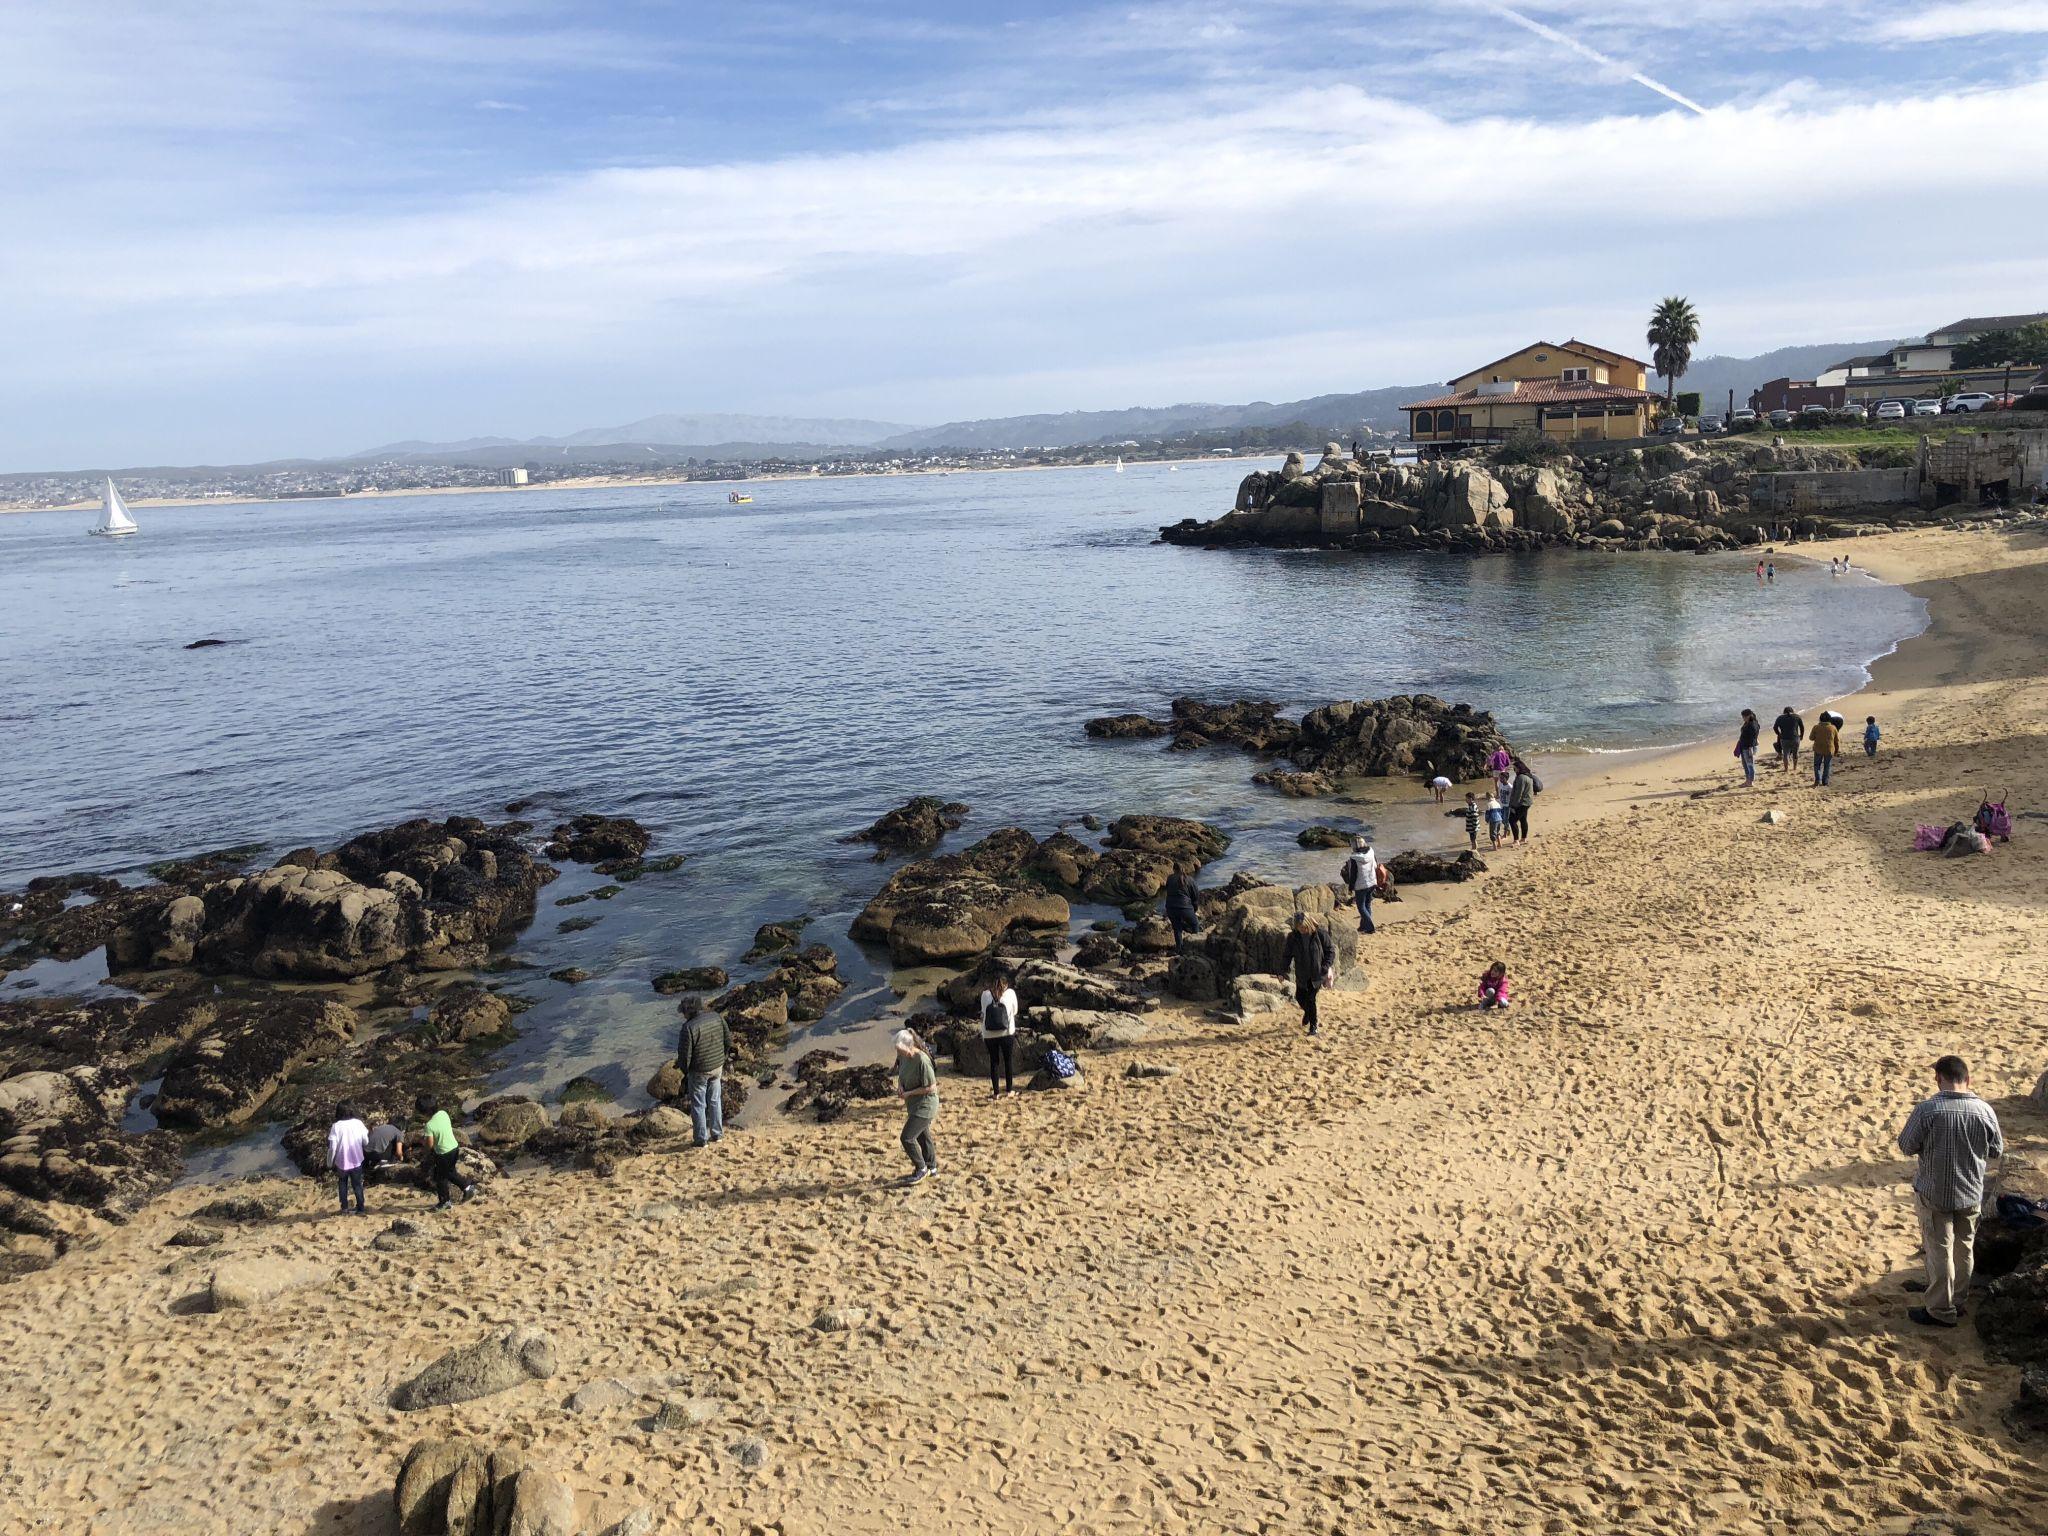 McAbee Beach Monterey, CA